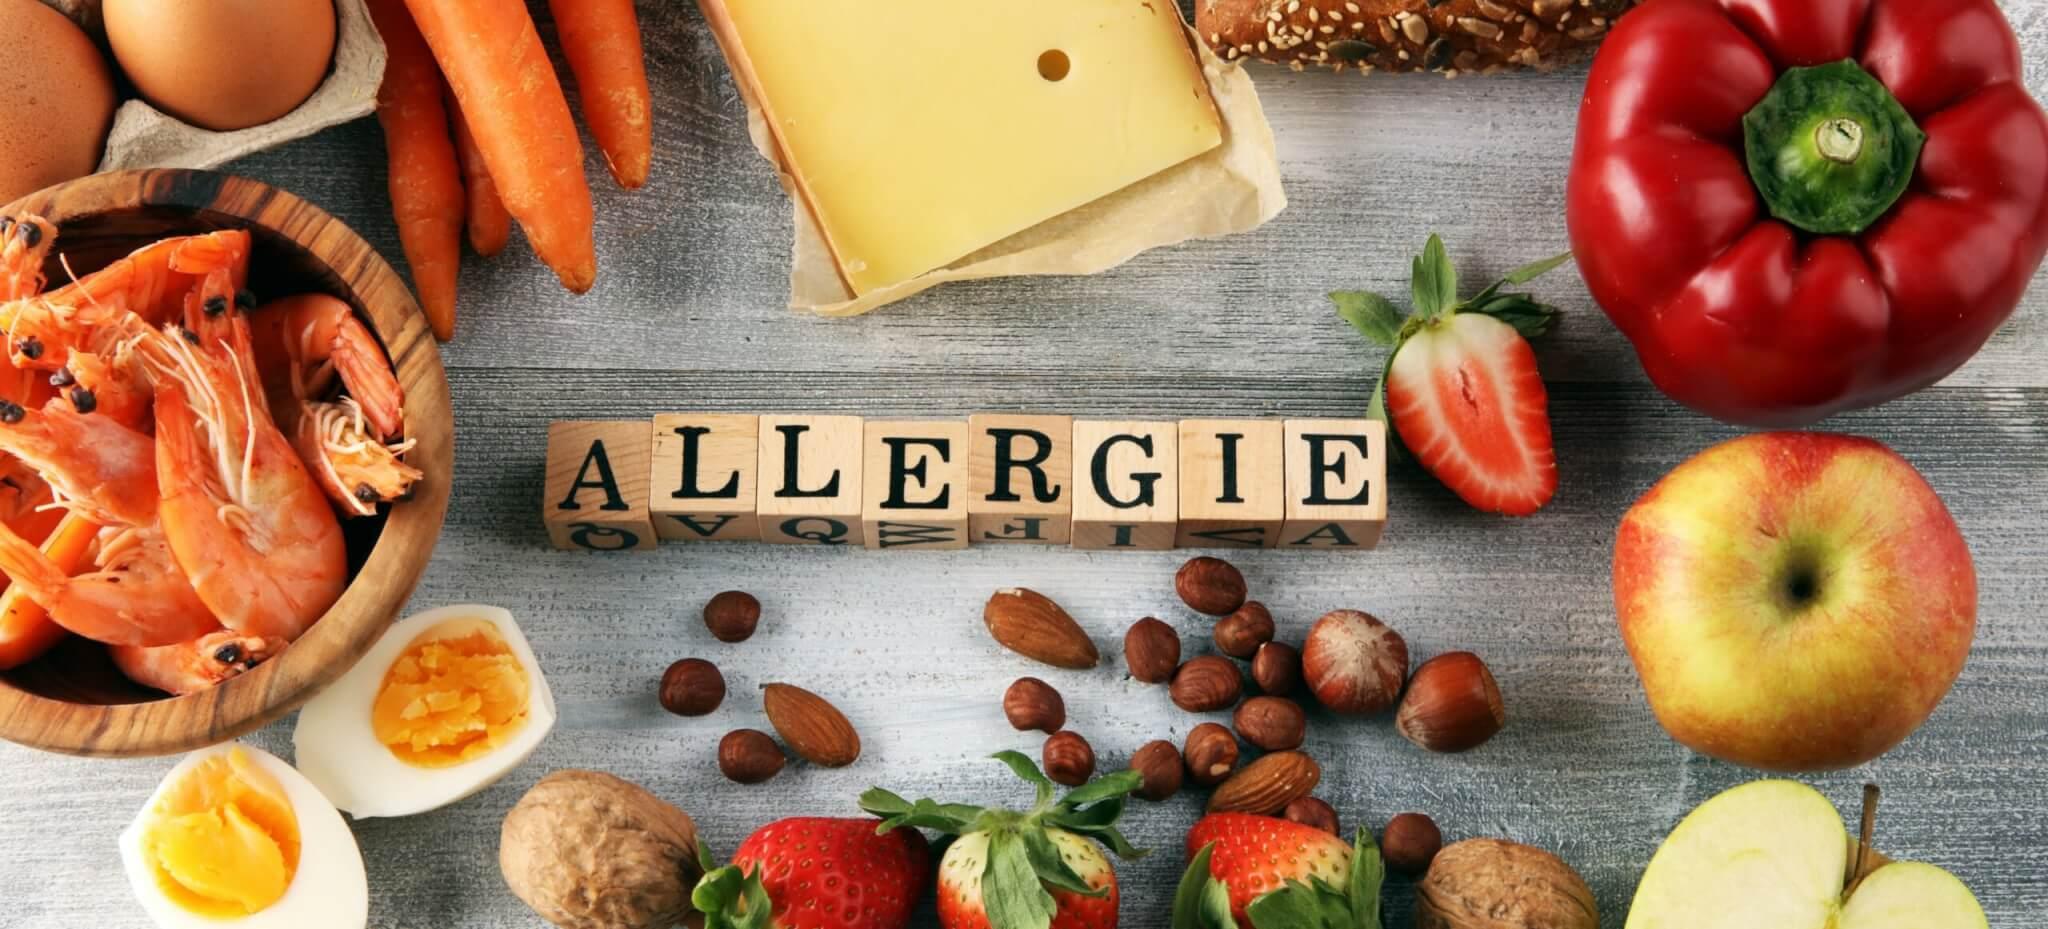 """allergieauslösende Lebensmittel wie Schalentiere, Milch, Nüsse, Erdbeeren. In der Mitte steht in Holzbuchstaben """"Allergie"""""""